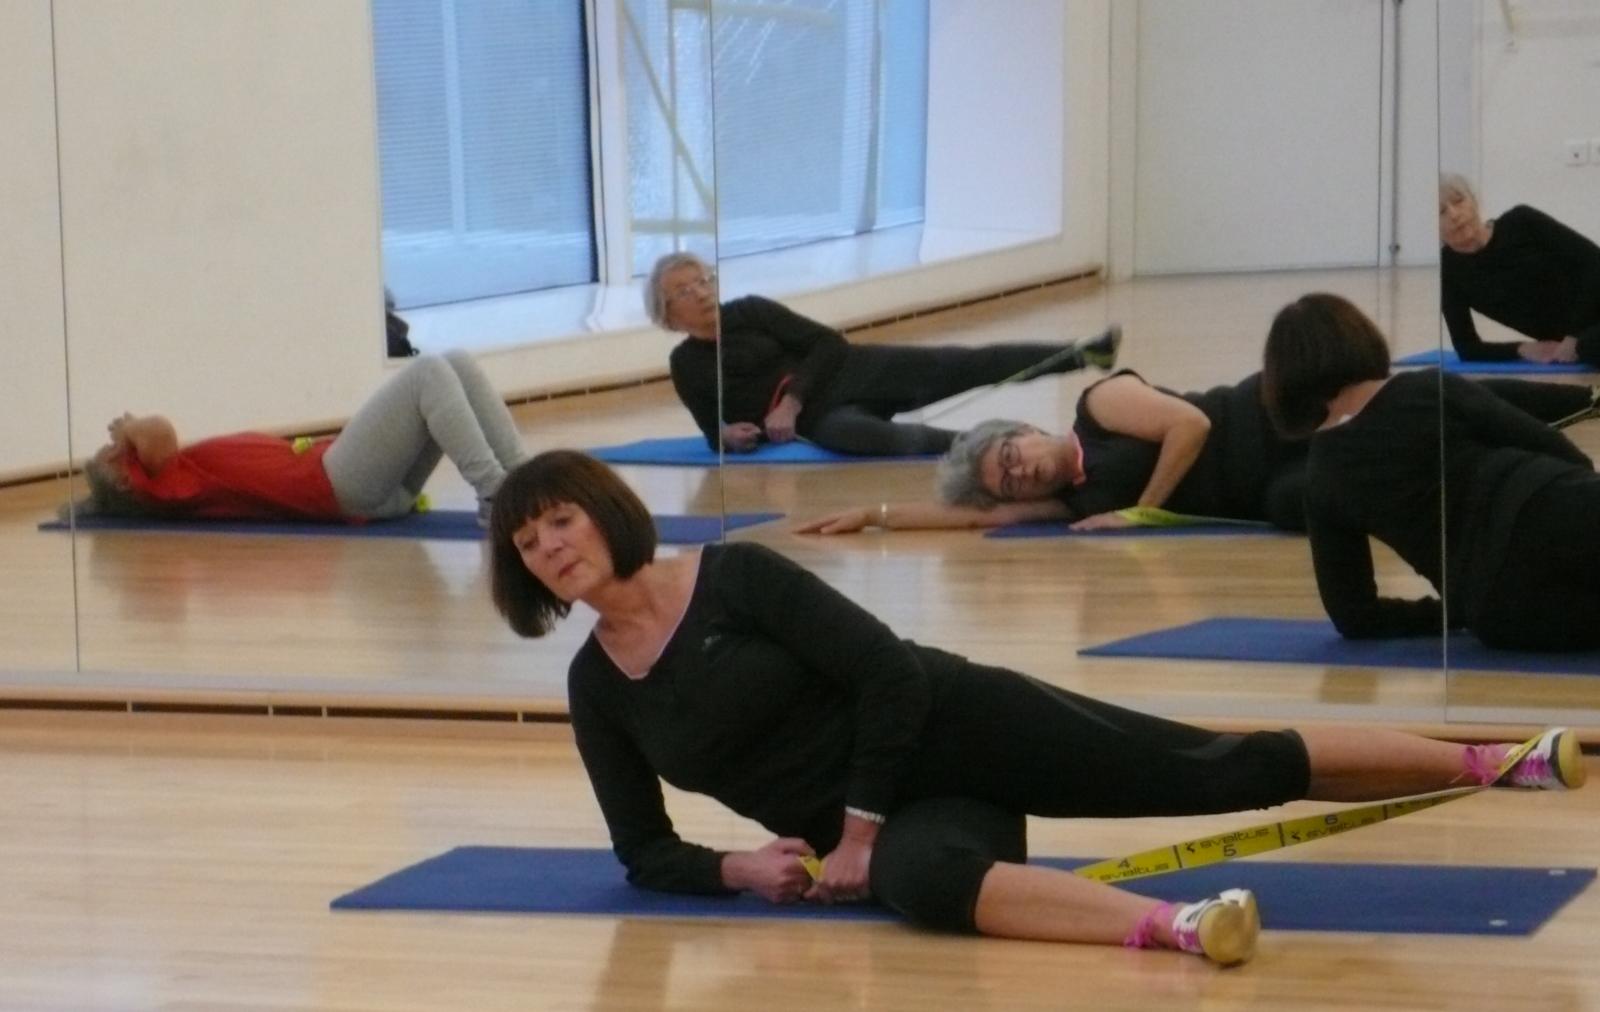 Gym seniors à Reuilly - Retraite Sportive de Paris